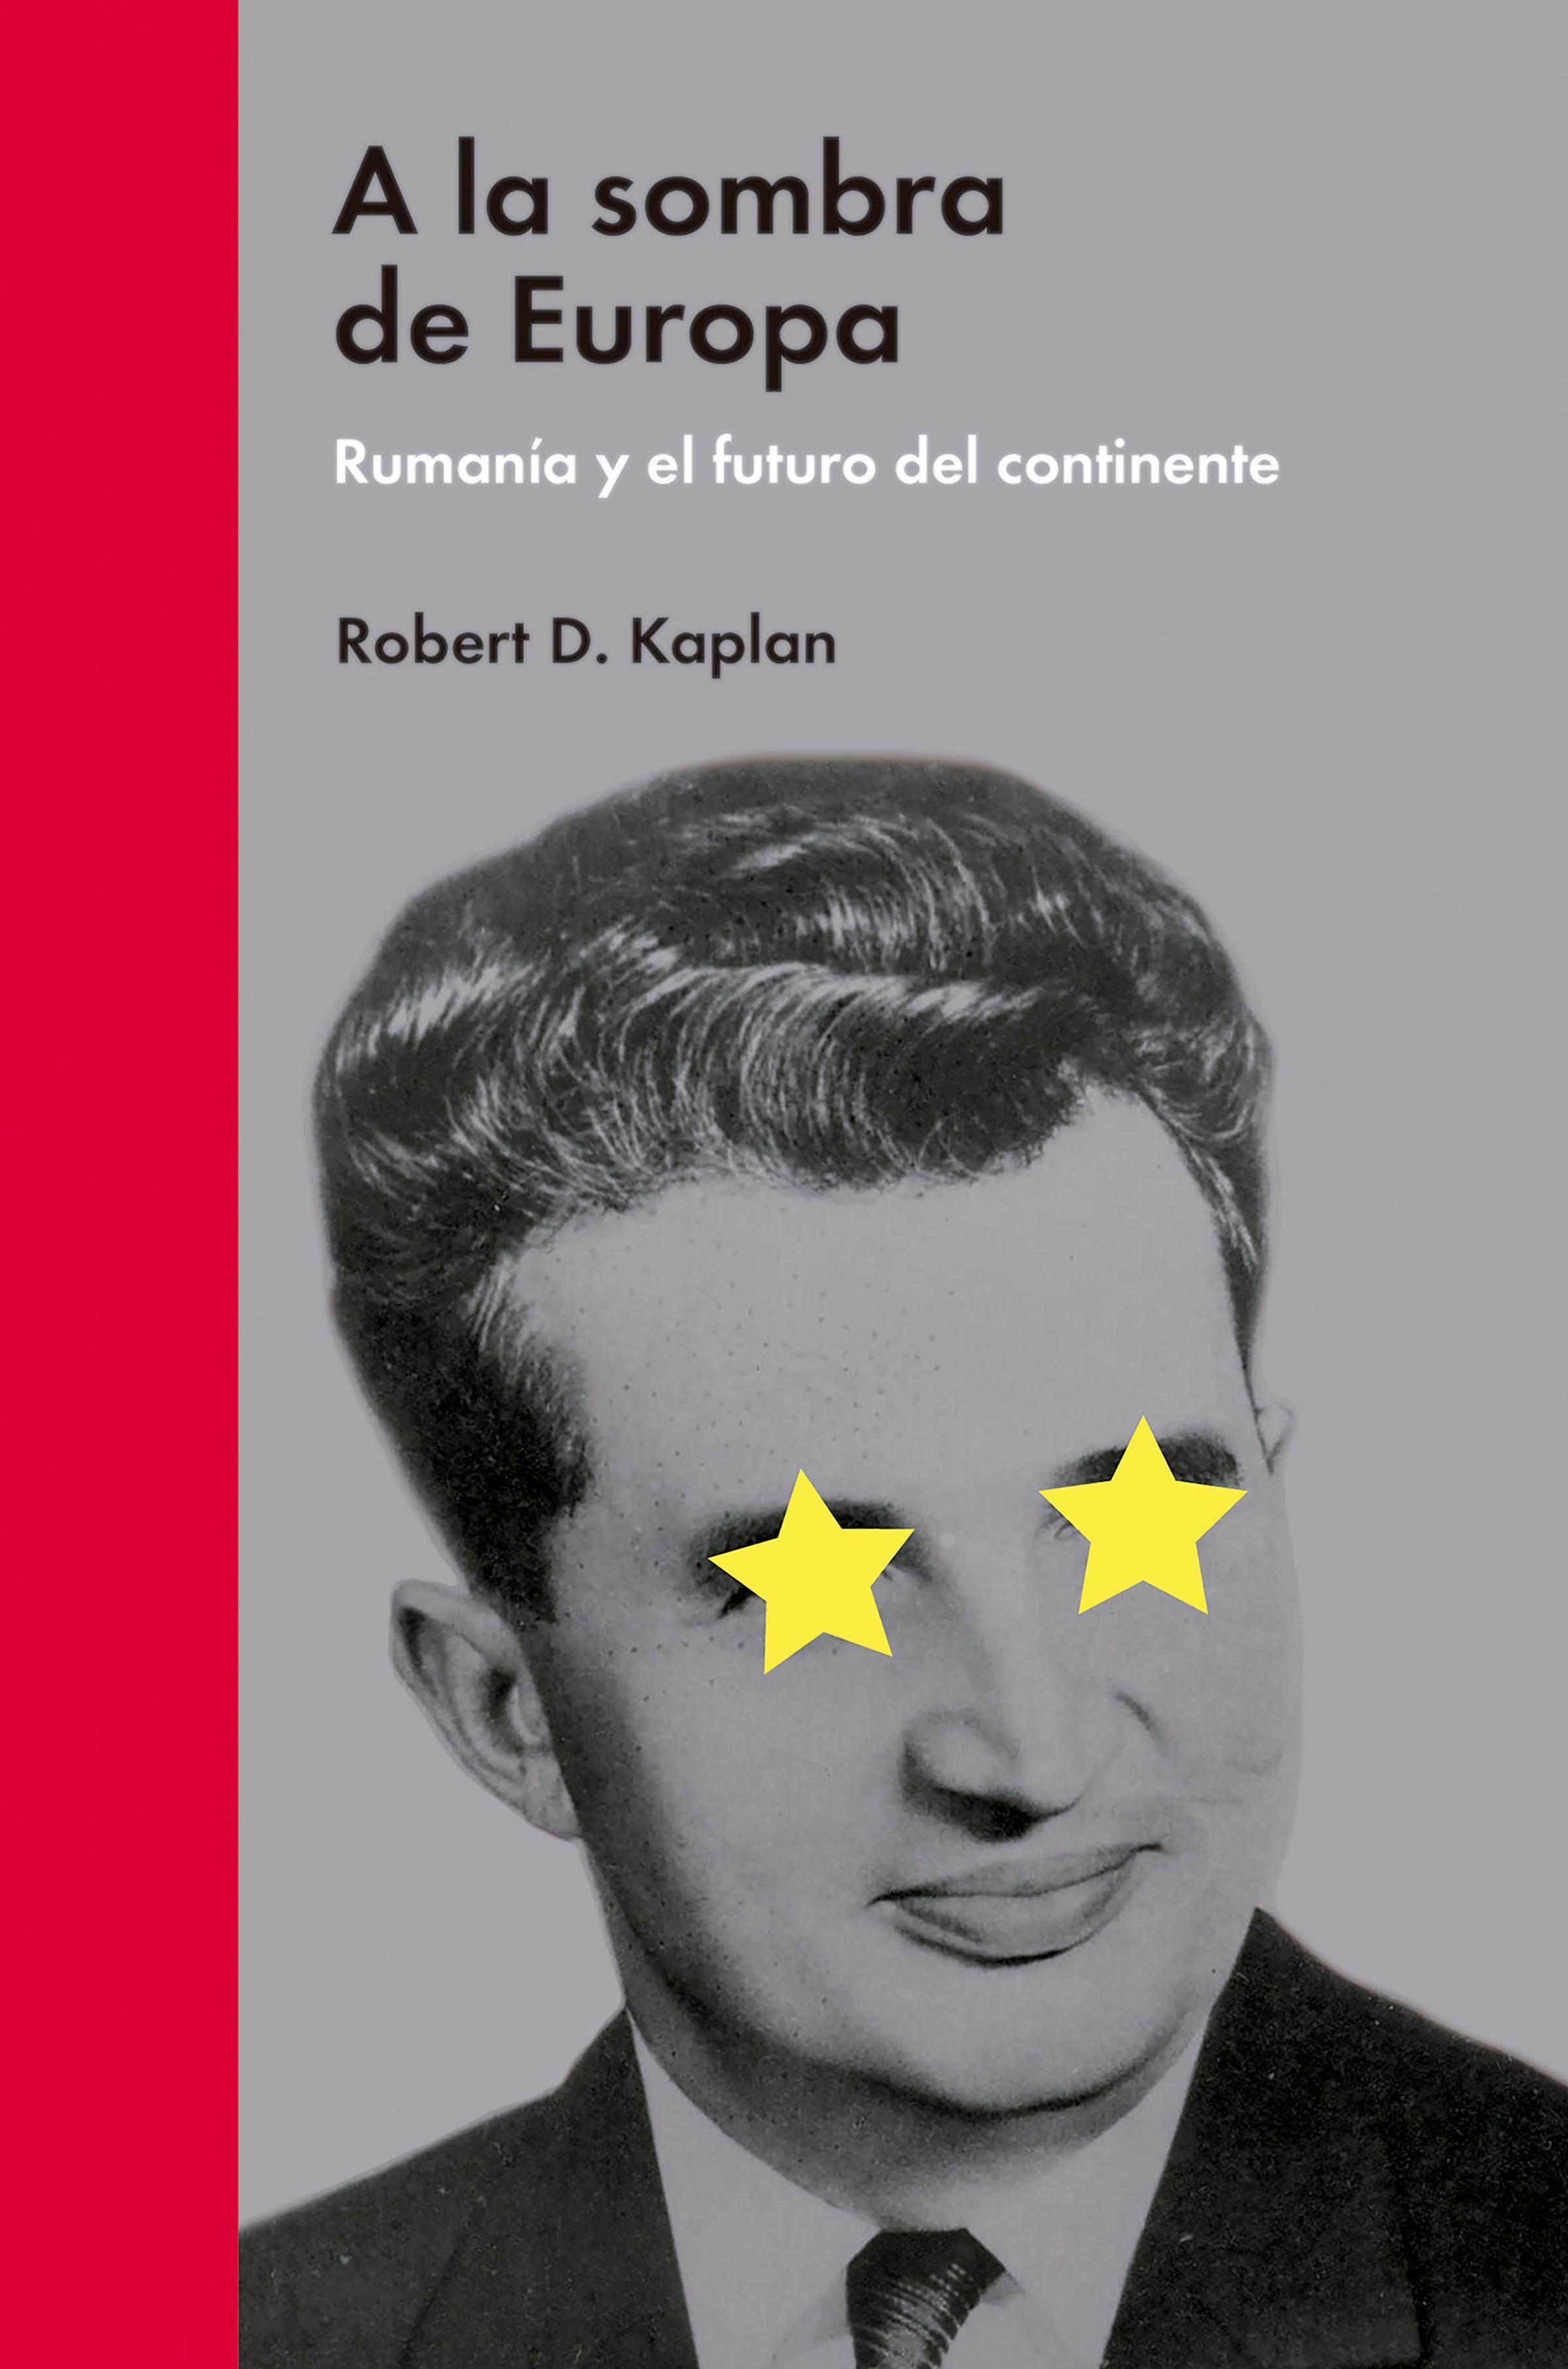 Robert D. Kaplan A la sombra de Europa la sombra de la serpiente